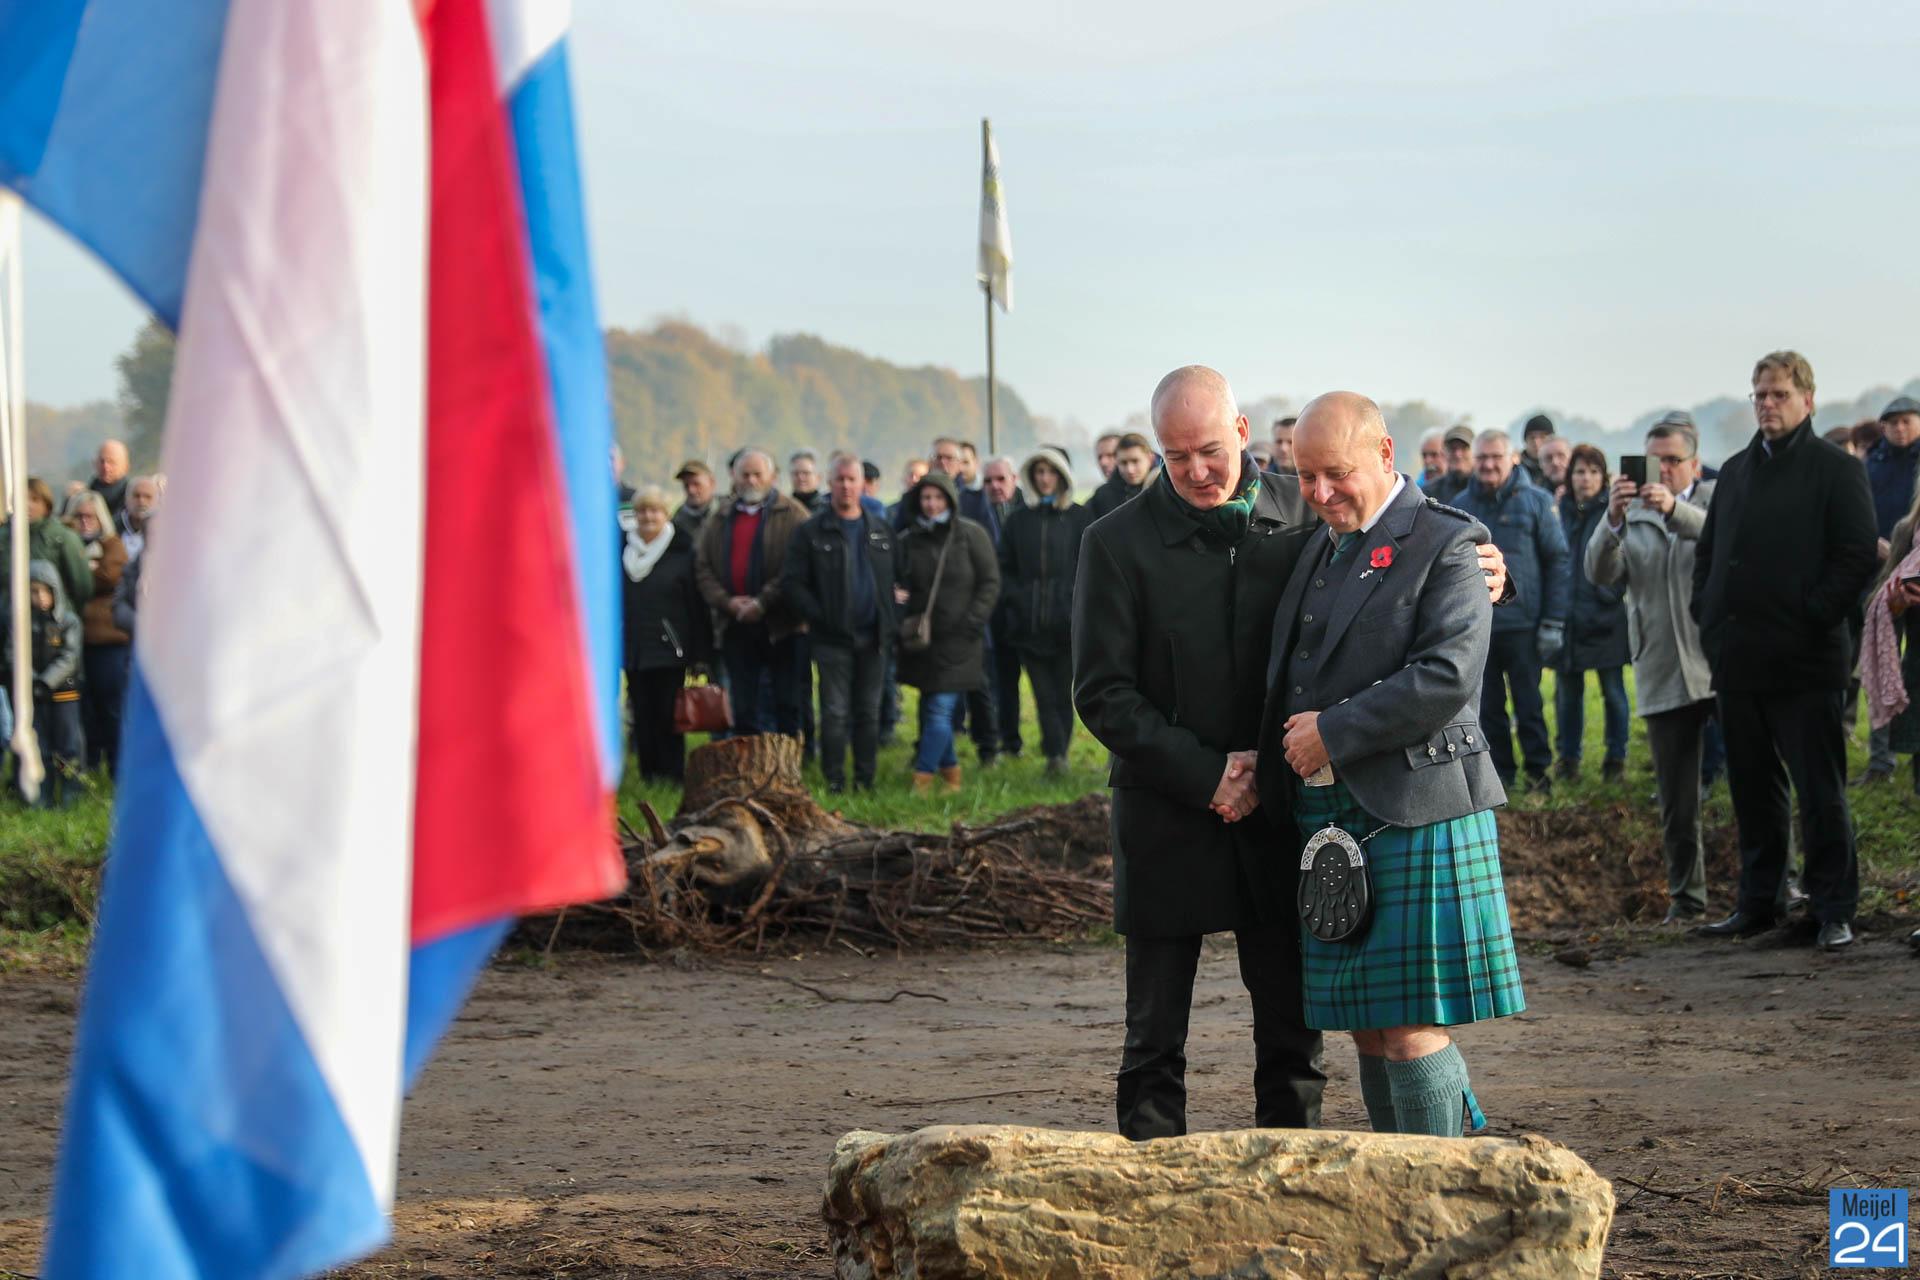 Herdenking bij Vesting en Belfort Vossenberg Meijel (Foto's) - Nederweert24 - Nederweert24